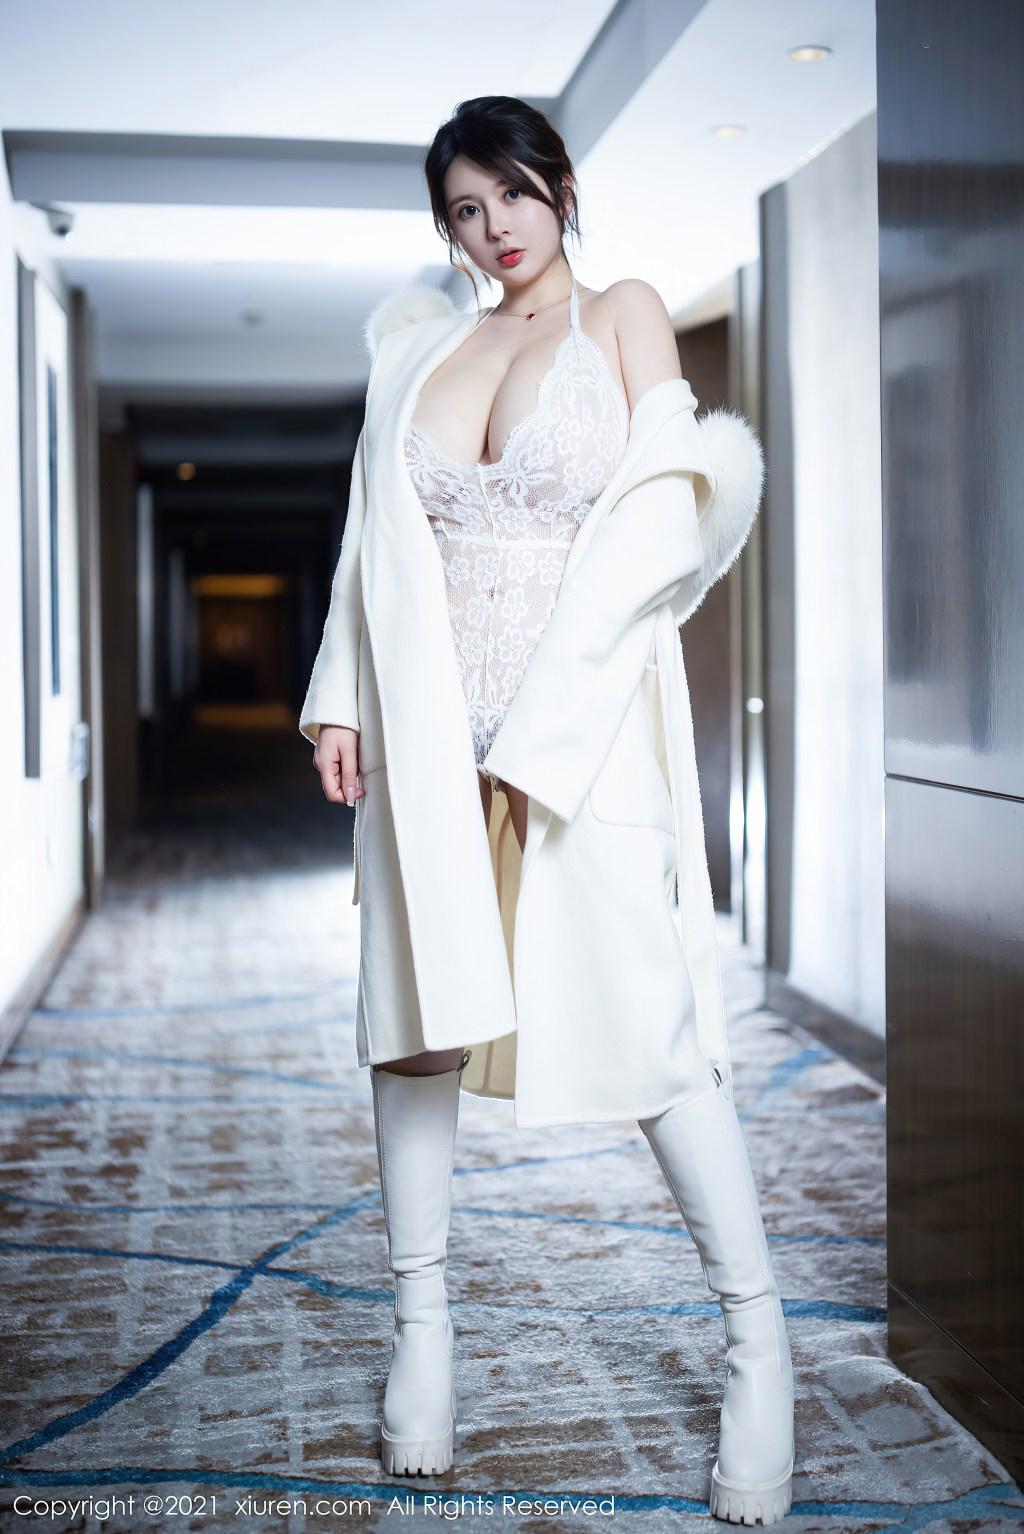 Tổng Hợp Ảnh Gái Sexy, Gái Xinh Siêu Hot